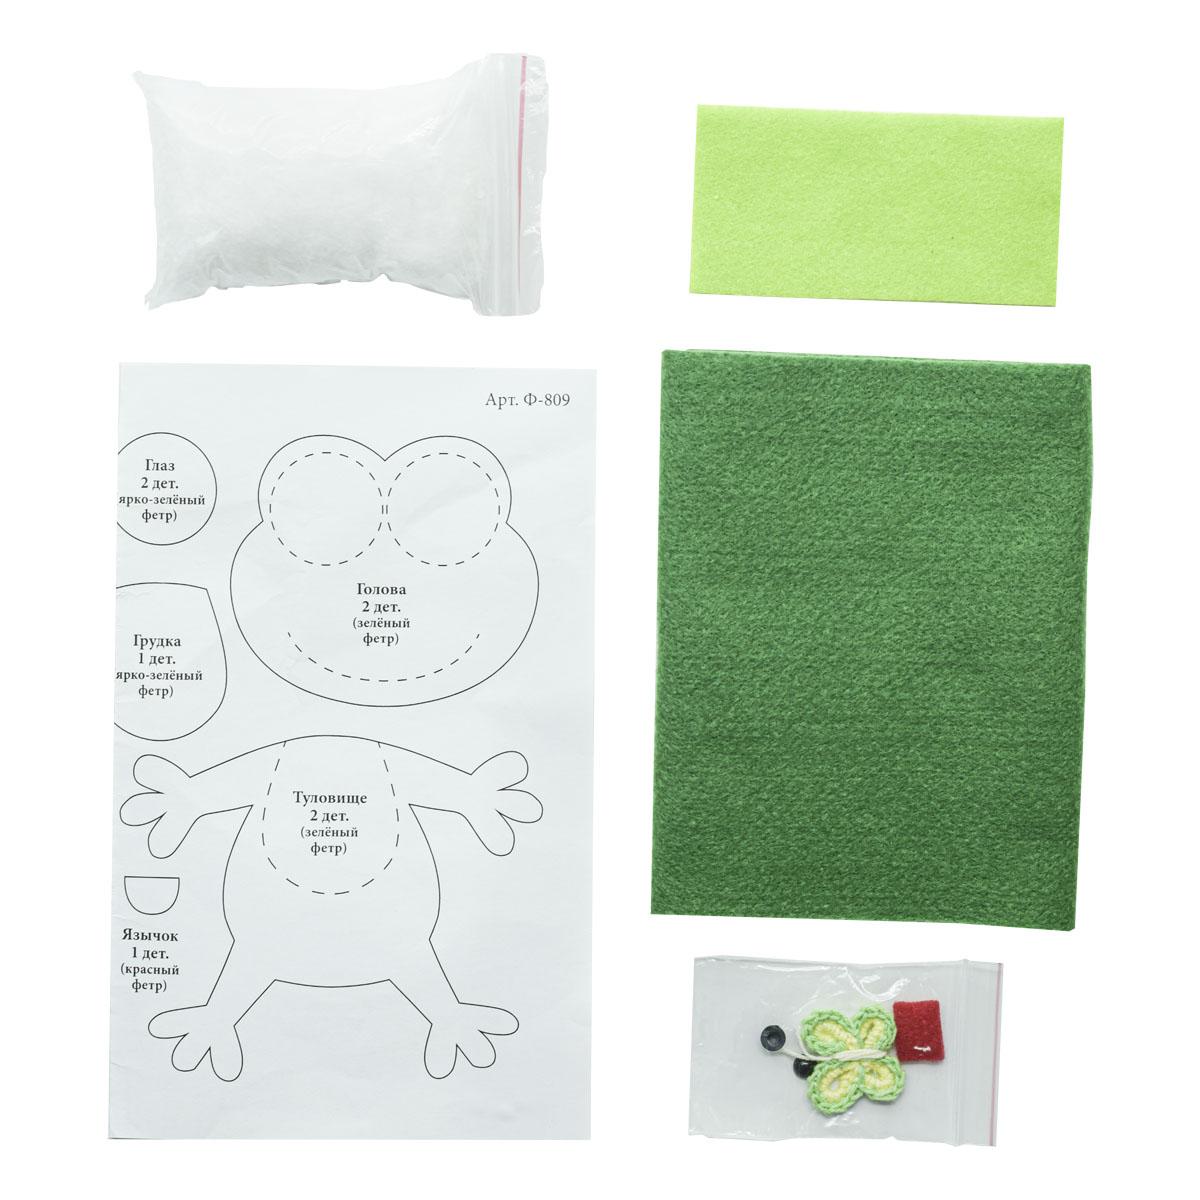 Ф-809 Набор для шитья игрушки из фетра 'Лягушонок' 15см